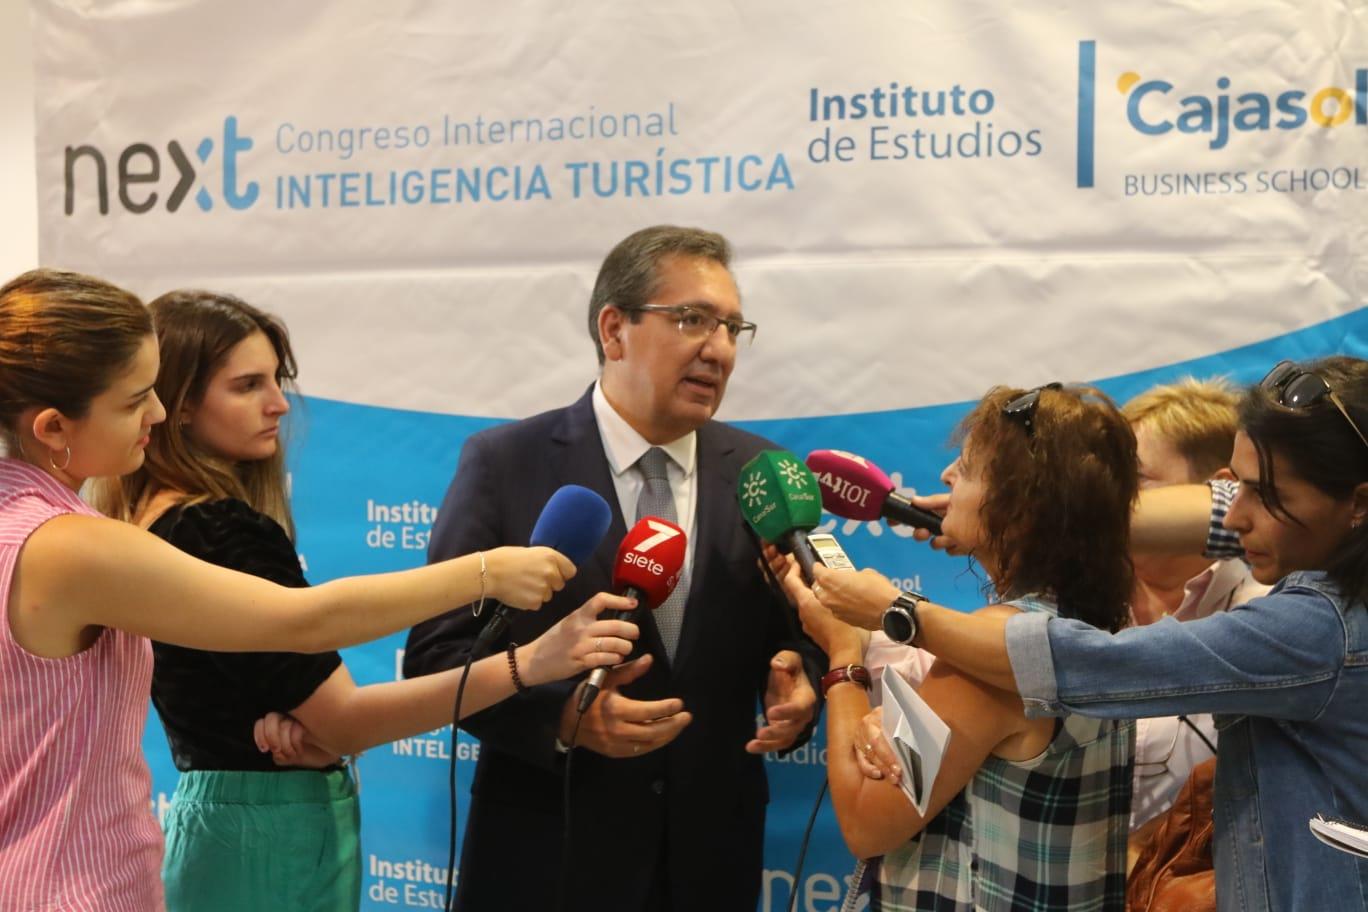 Antonio Pulido Instituto Estudios Cajasol